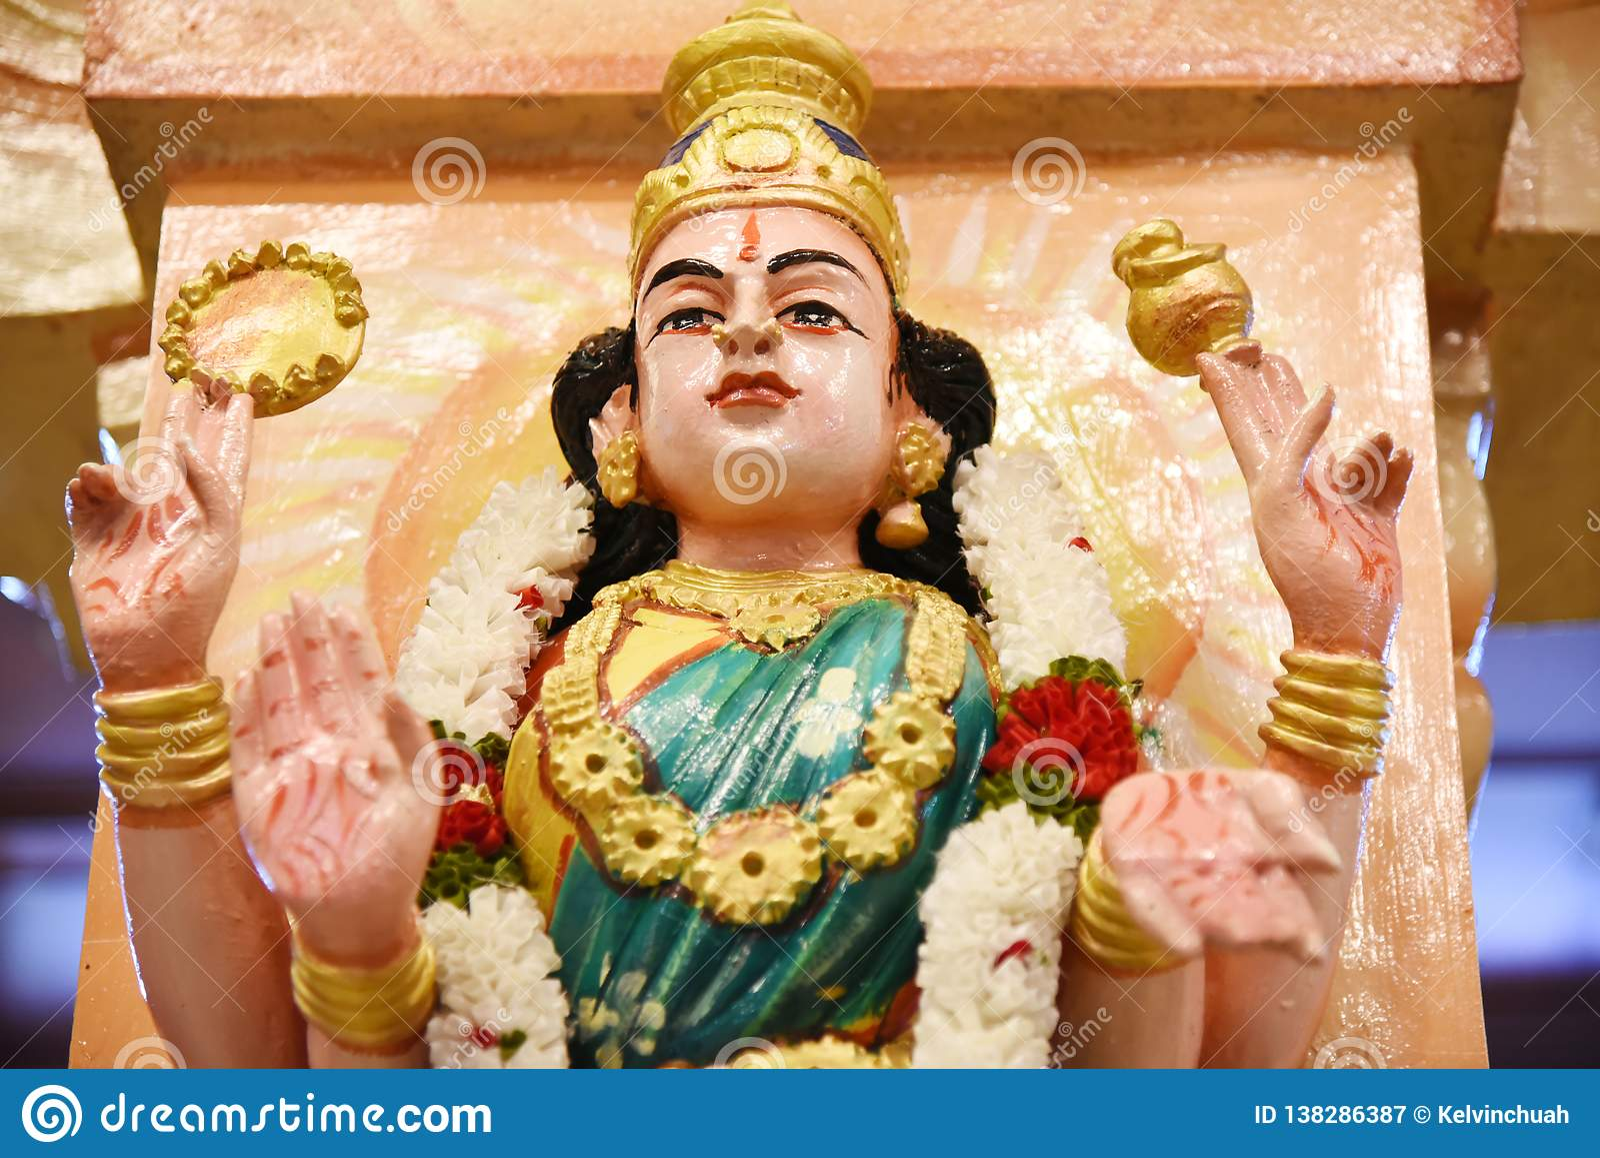 Standbeelden van Hindoese goden